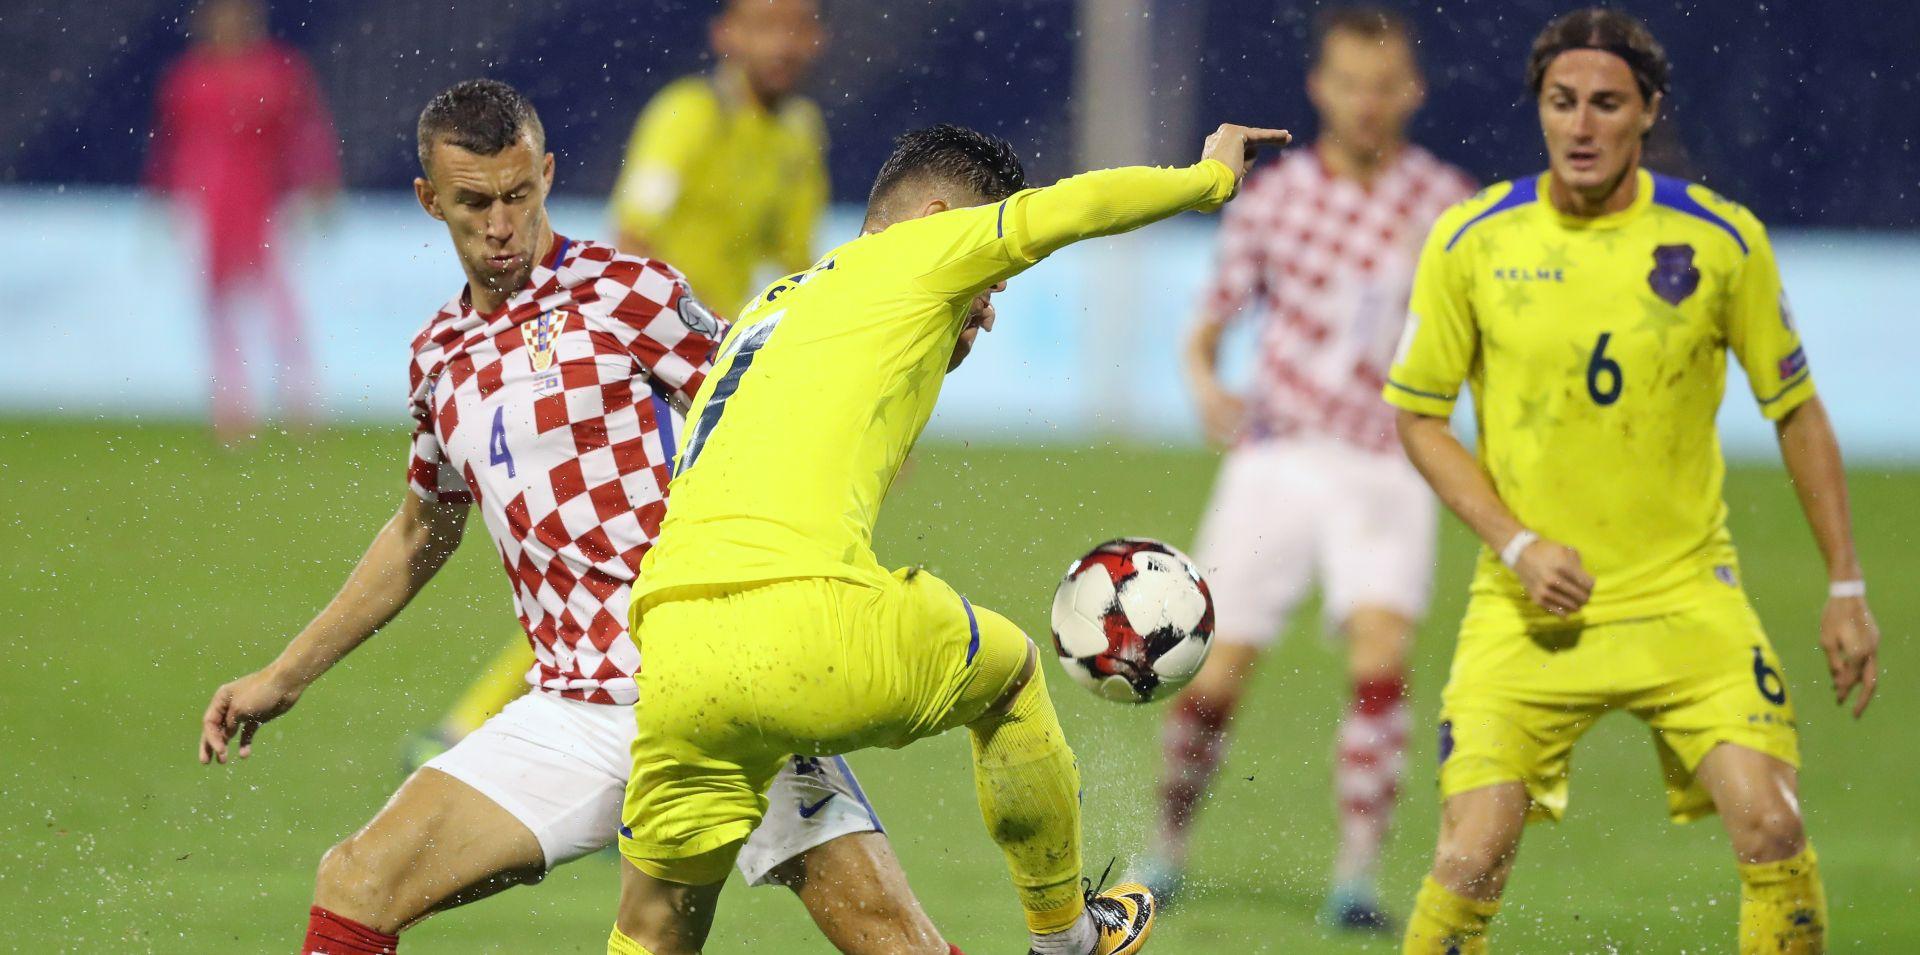 HNS Nema prodaje novih ulaznica, na Maksimir samo s ulaznicama za jučerašnju utakmicu